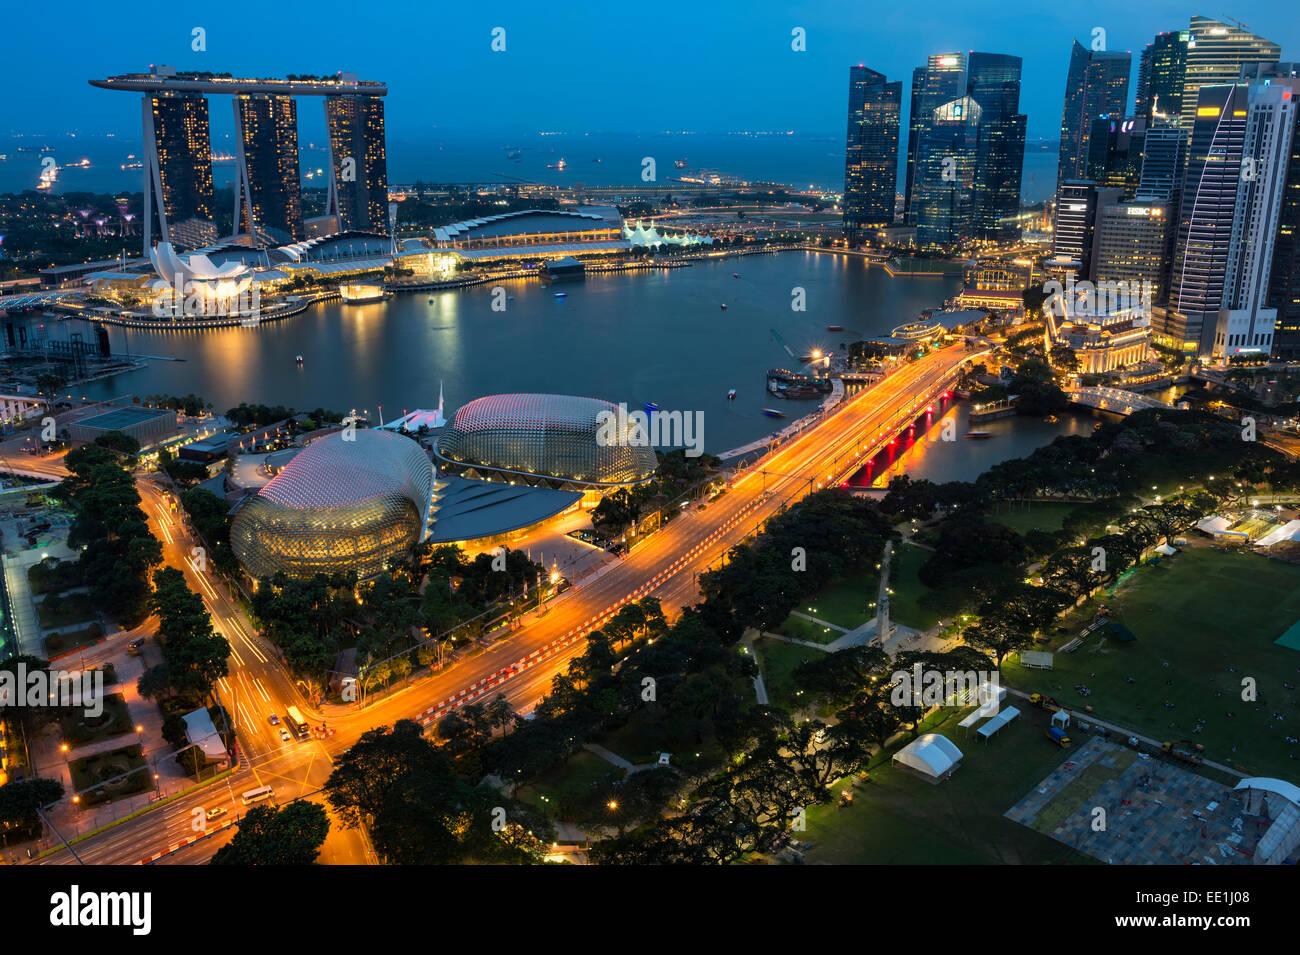 Nuit à Marina Bay, Singapour, en Asie du Sud-Est, l'Asie Photo Stock